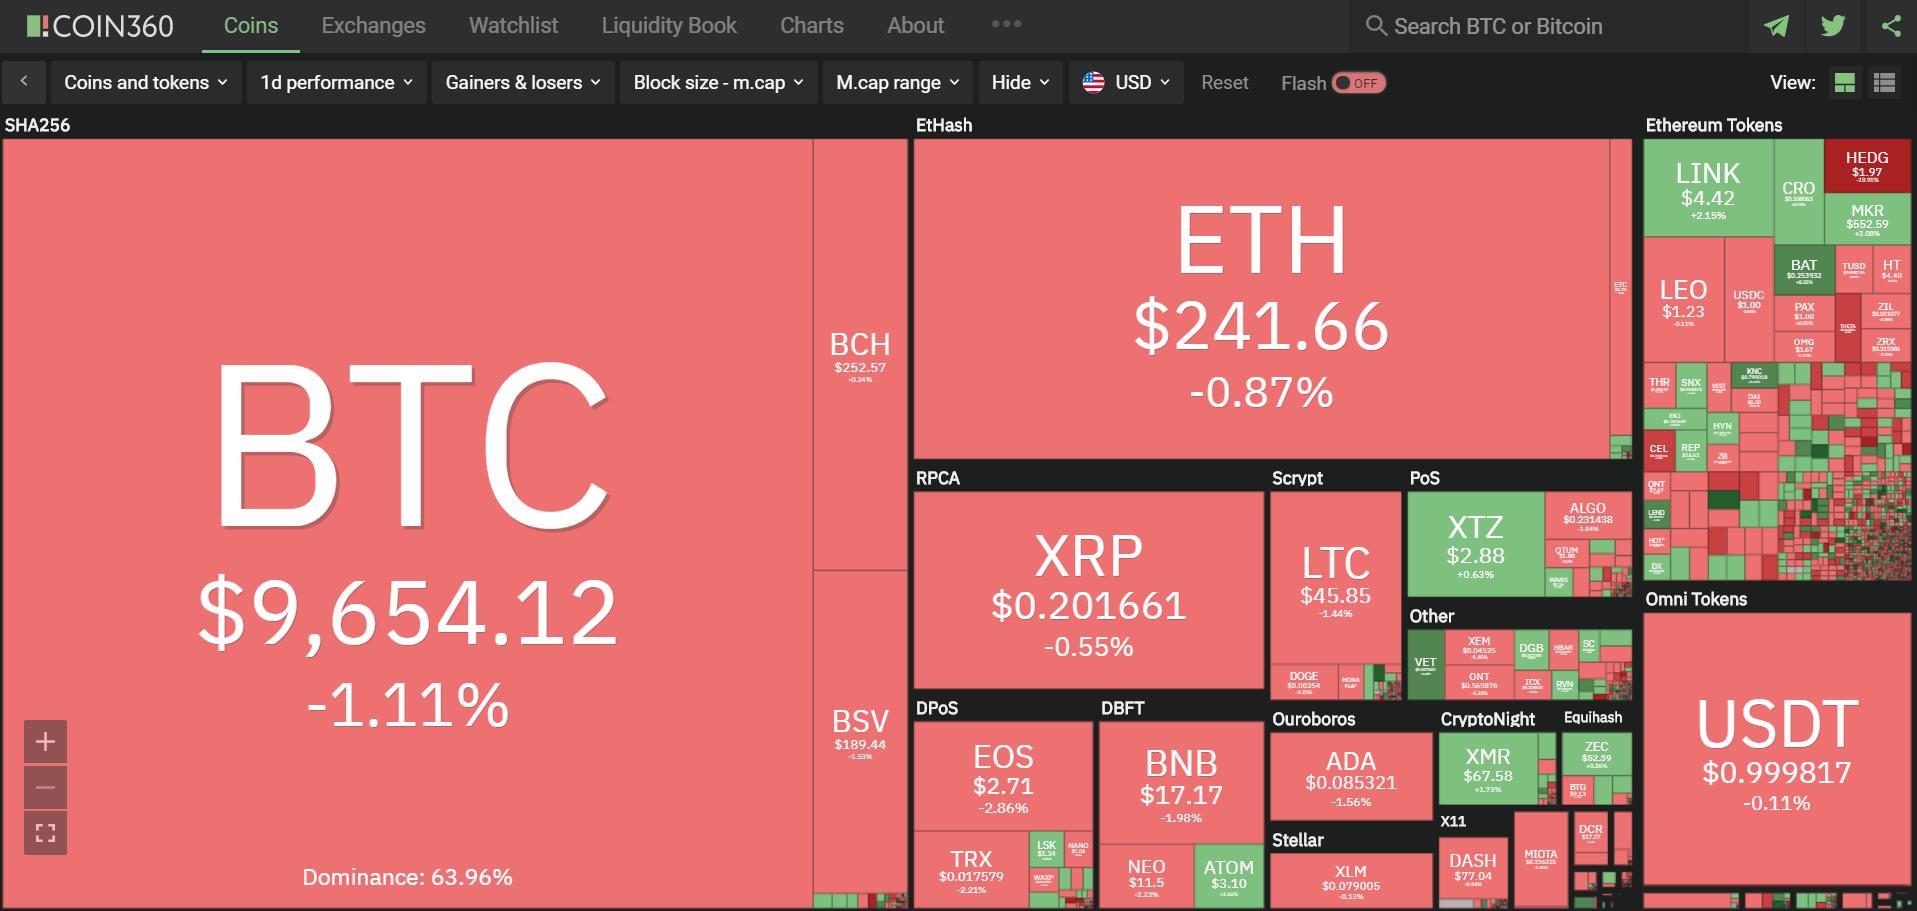 Toàn cảnh thị trường ngày 9/6 (nguồn: Coin360.com)